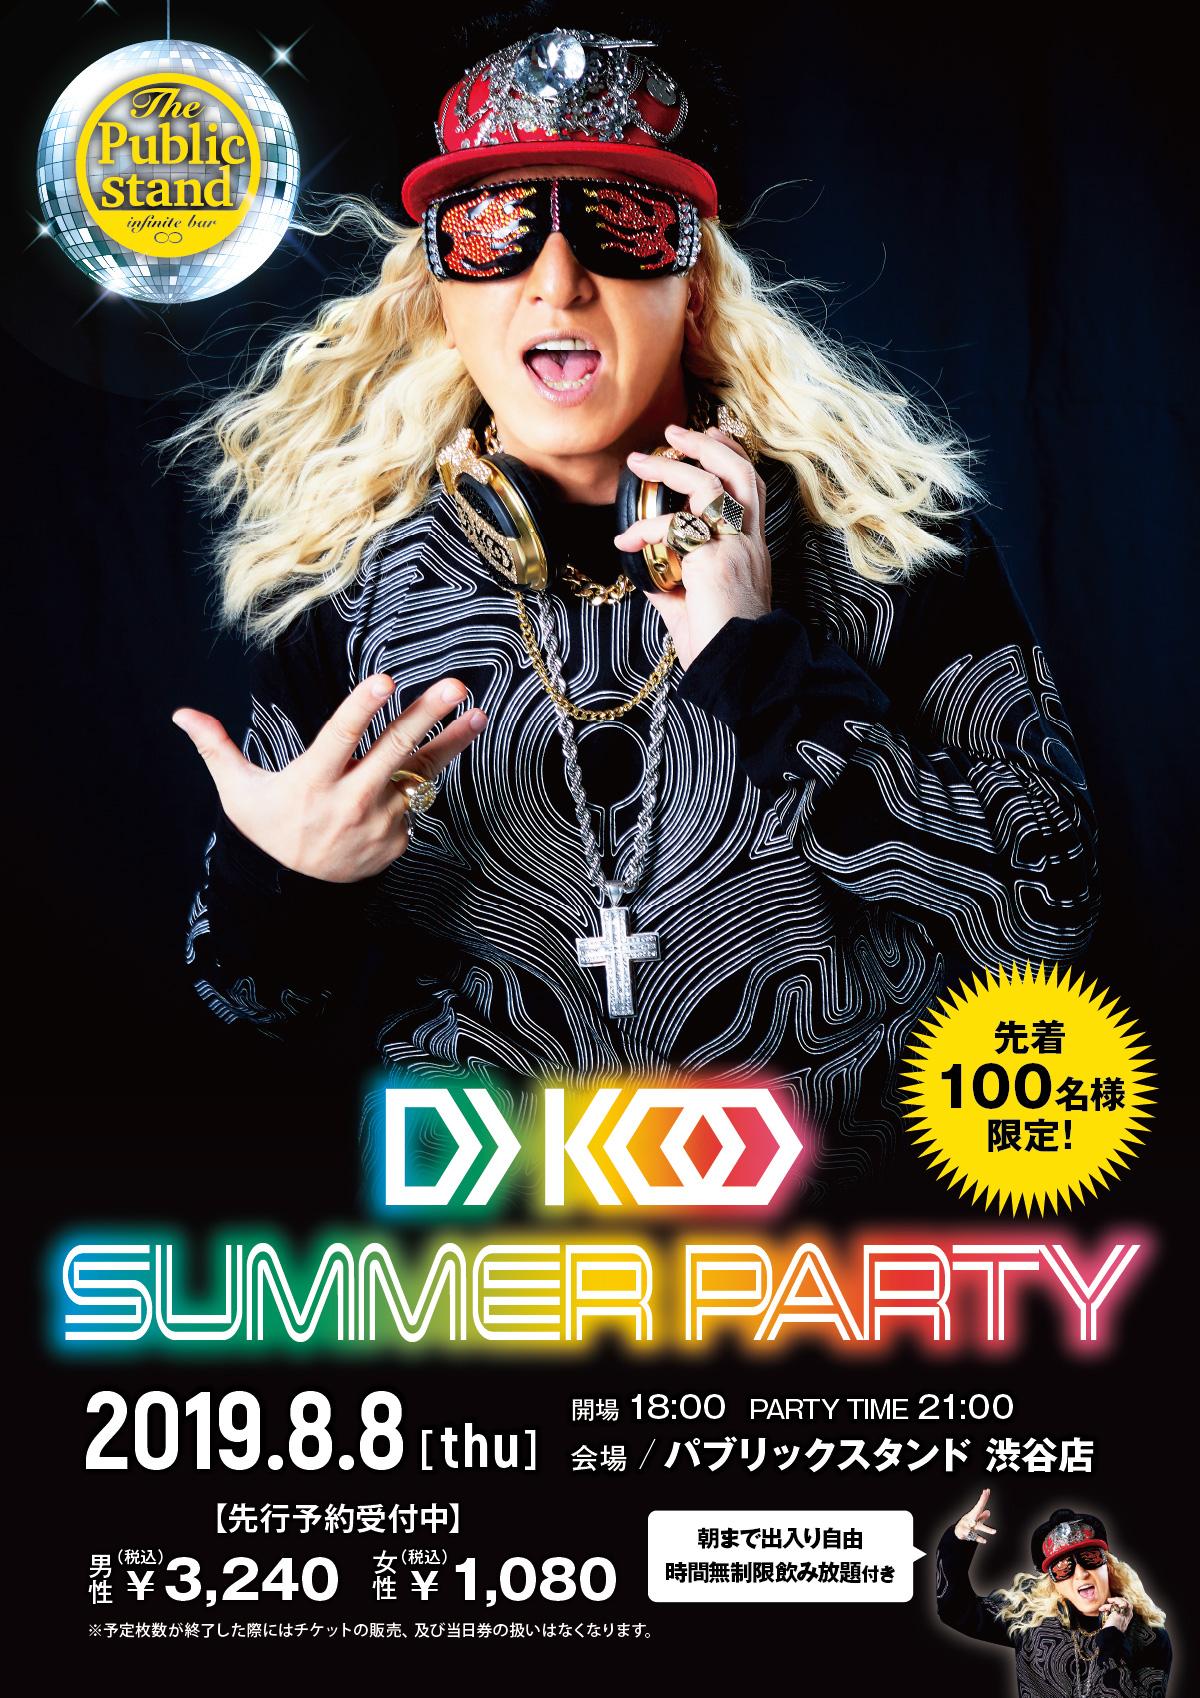 DJ KOO パブリックスタンド渋谷